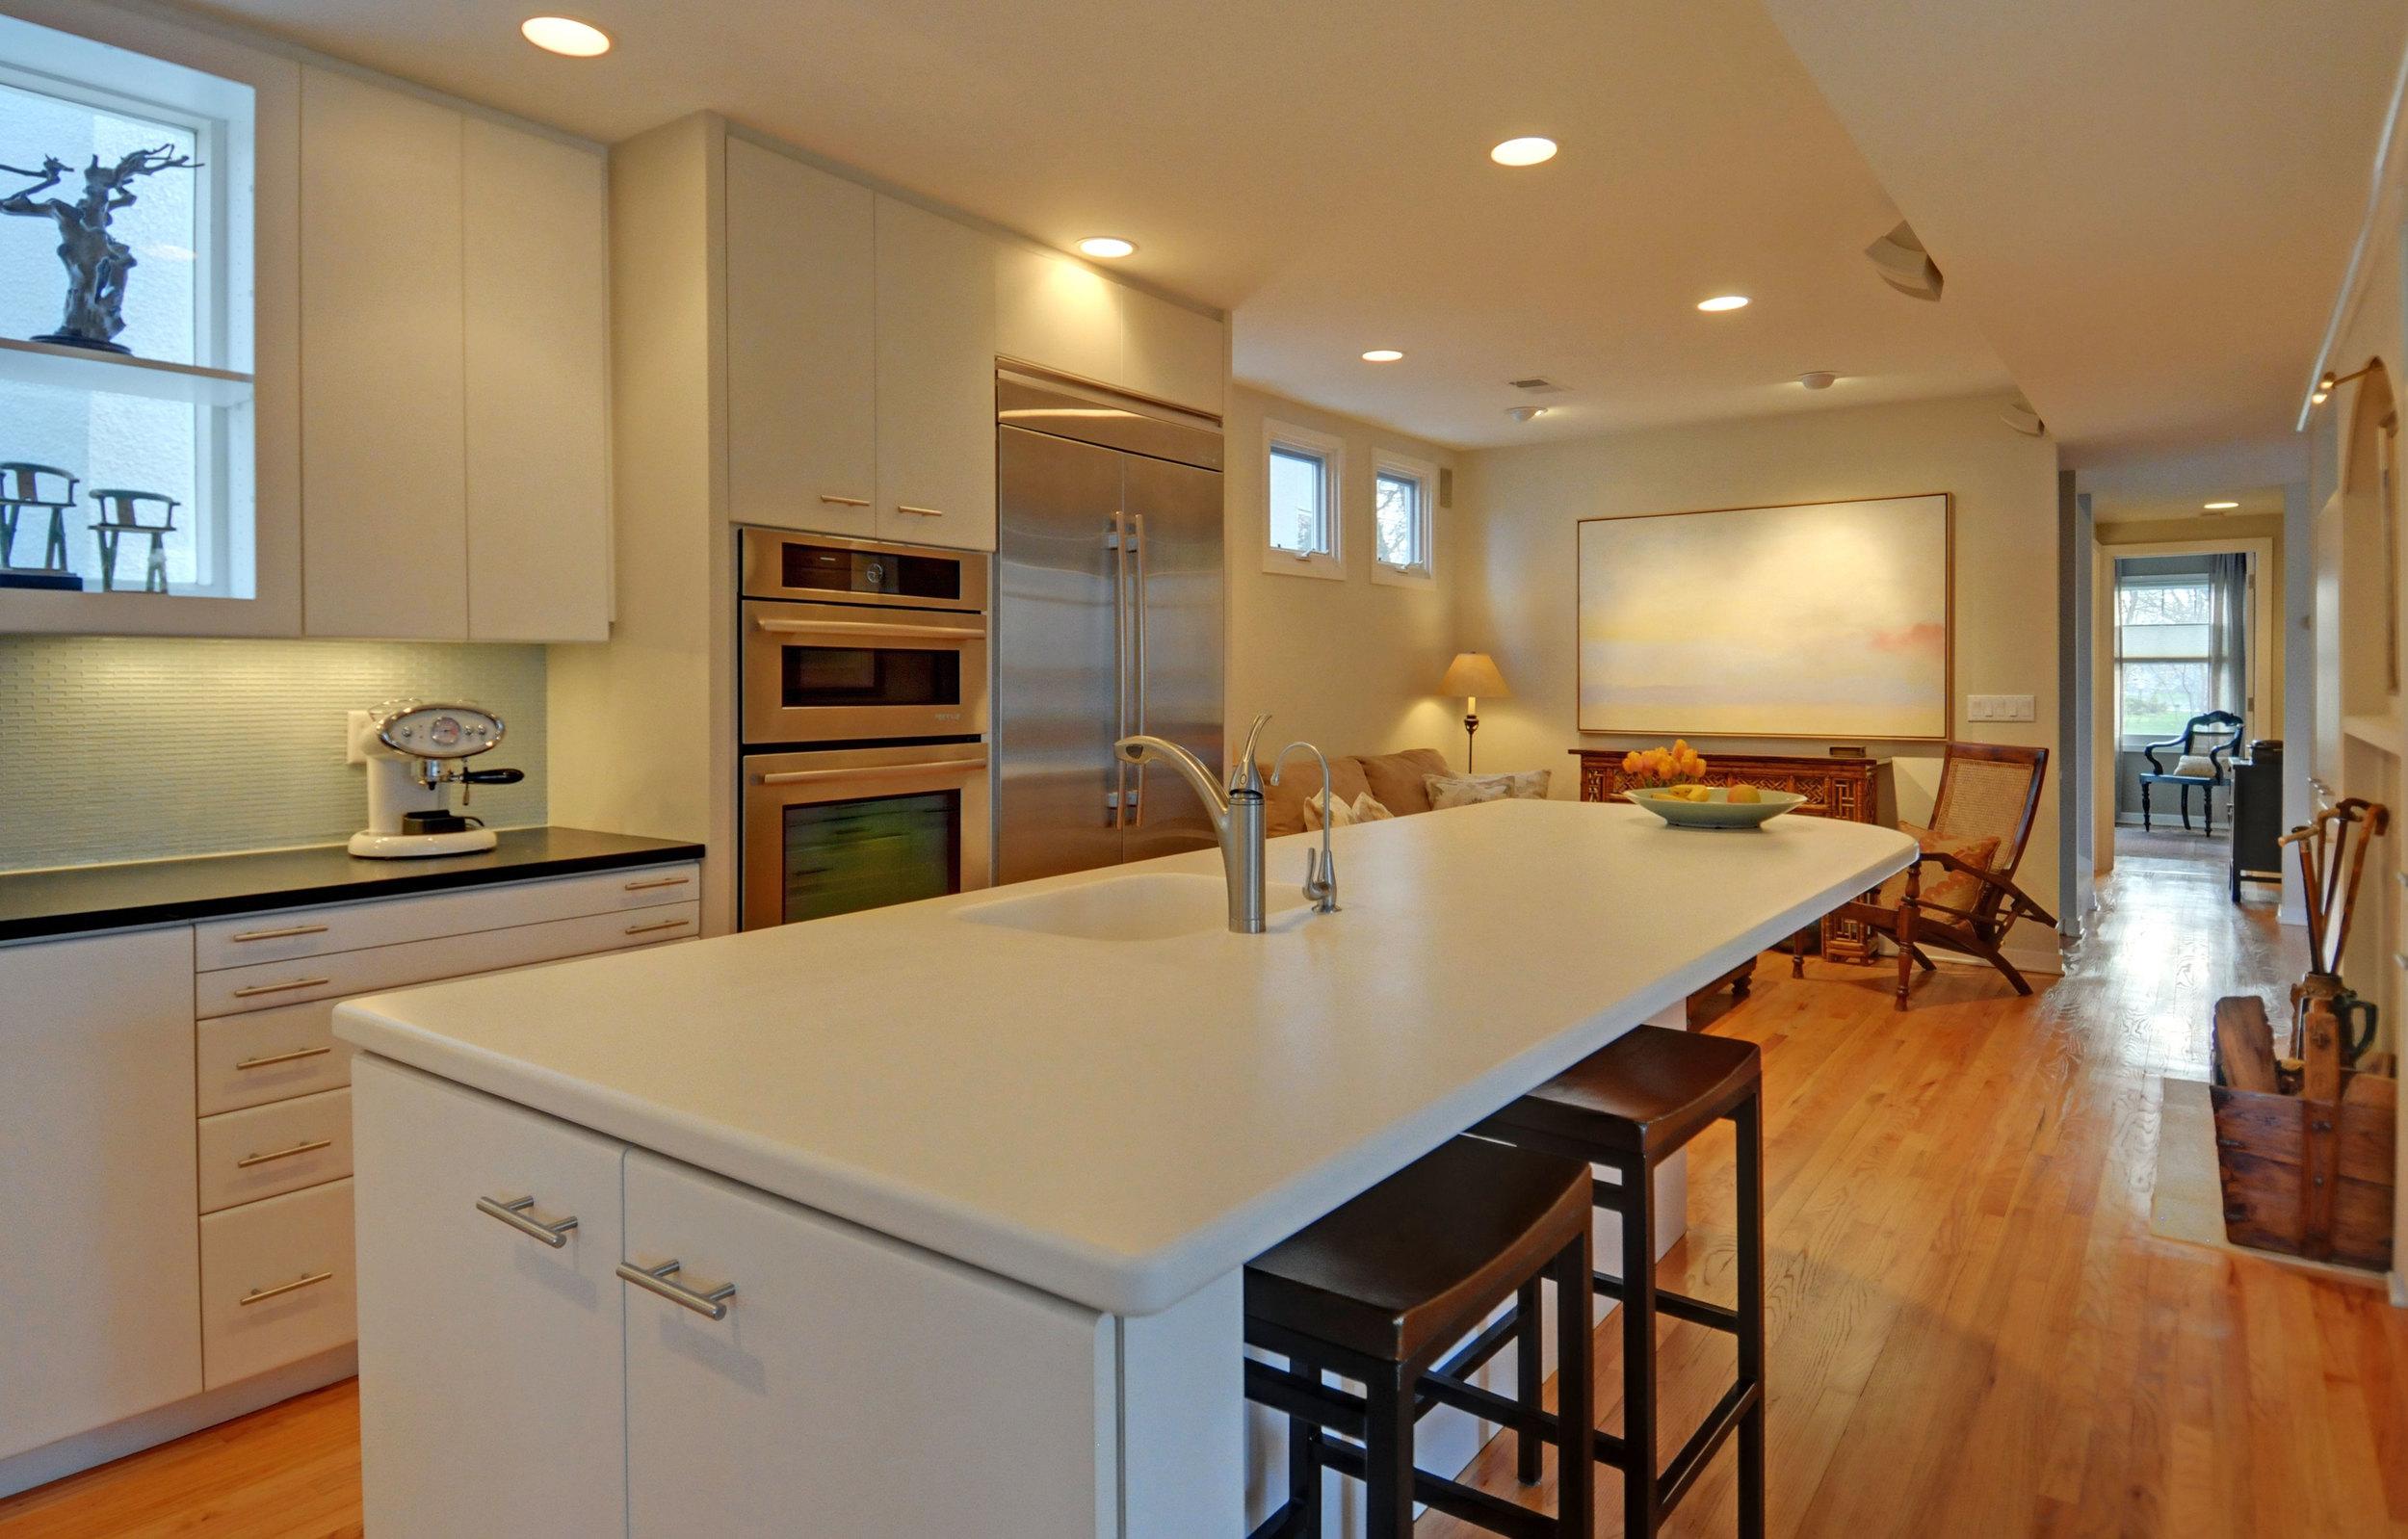 4 3738-kitchen-looking-to-bedroom.jpg